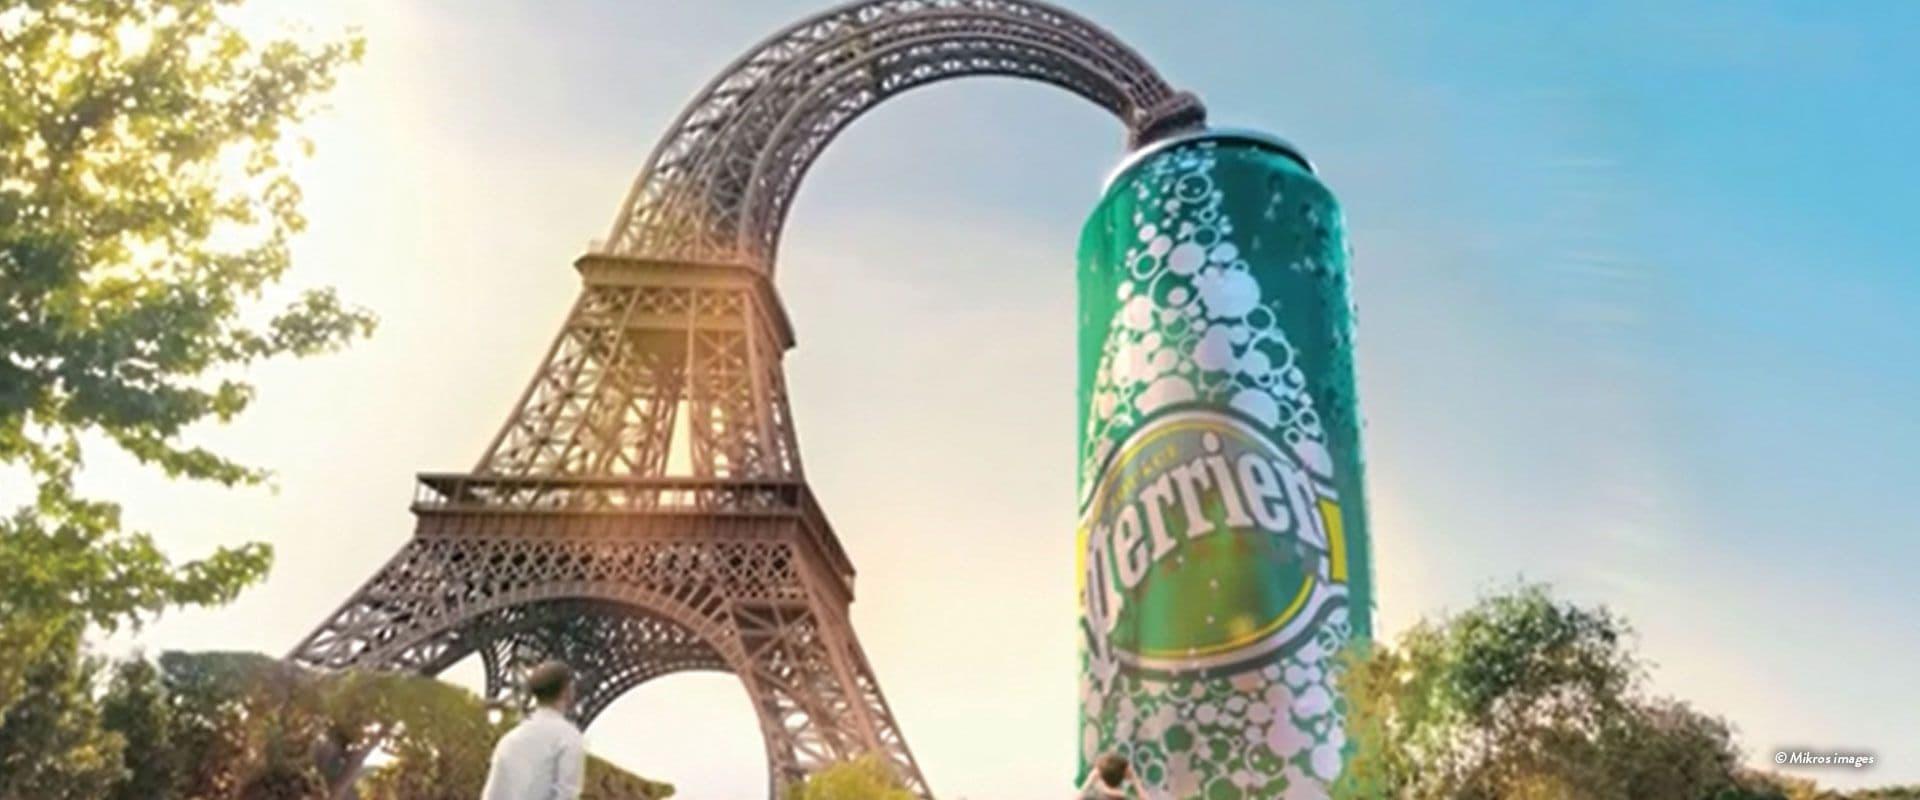 Une marque française mythique